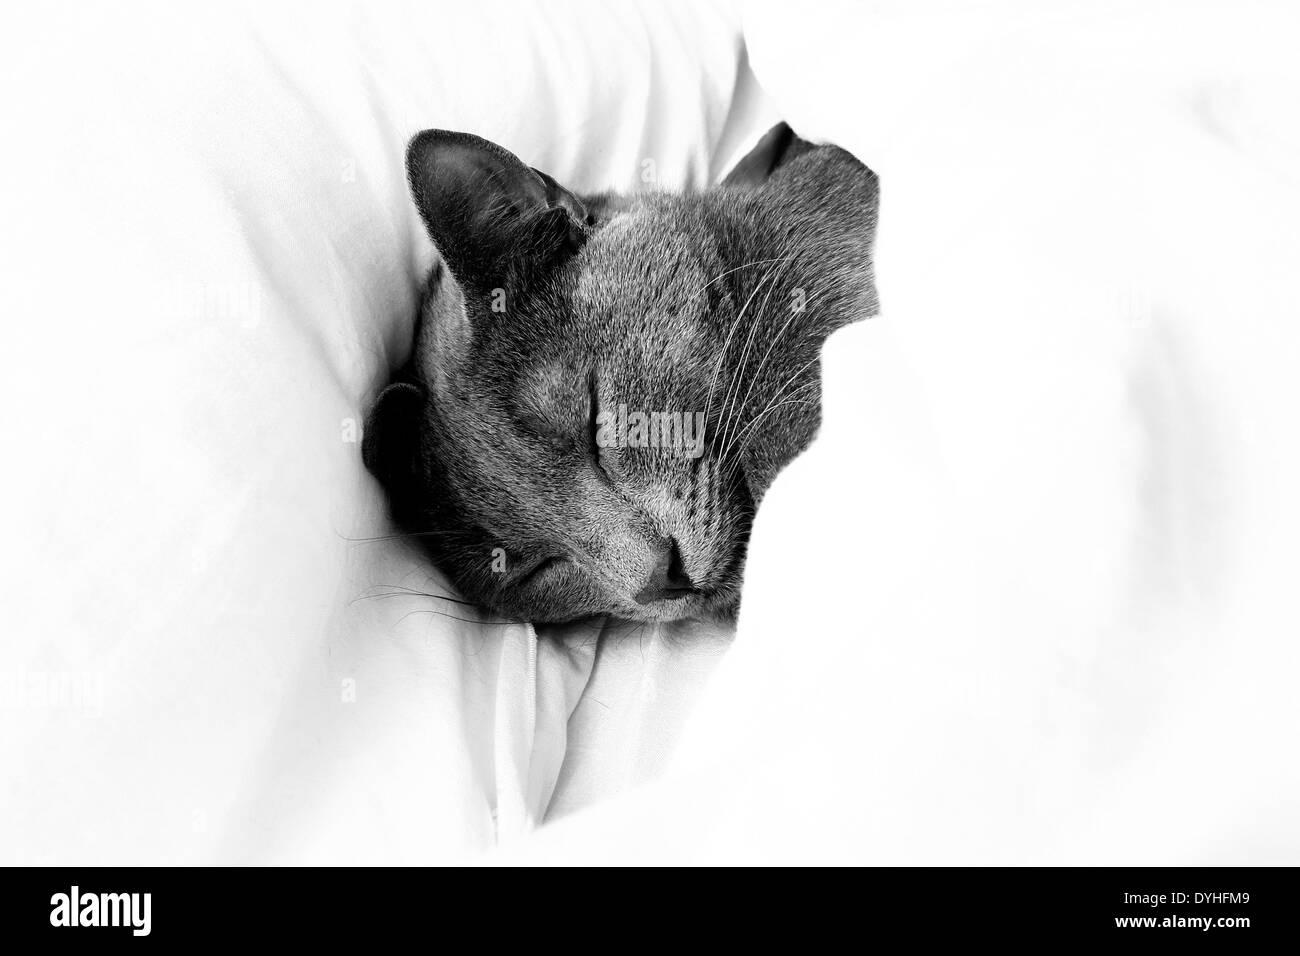 Un gatto grigio dormire in un letto sotto fogli Immagini Stock